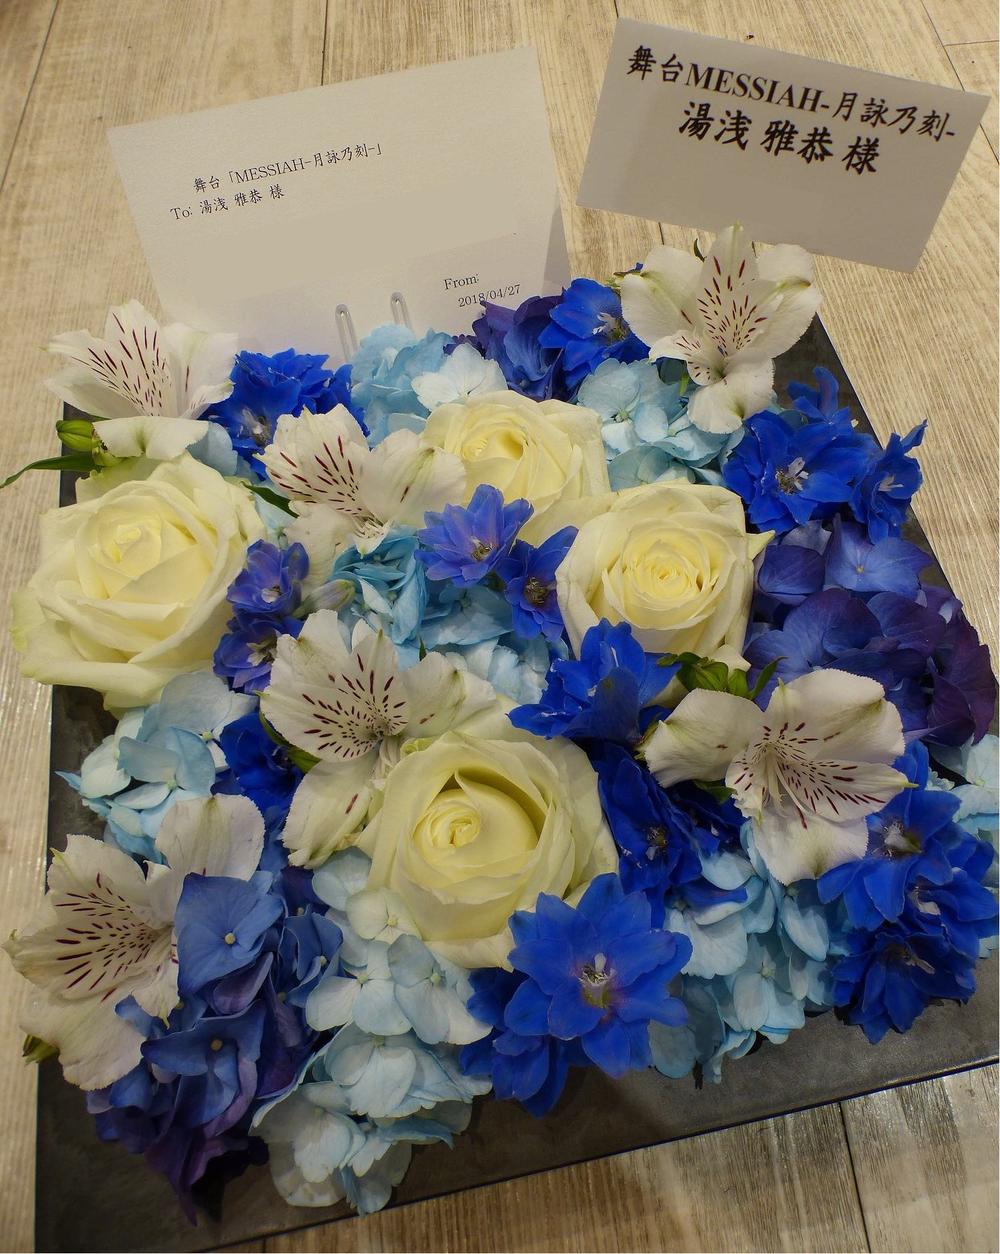 メルパルクホール 舞台[MESSIAH-月詠乃刻-]ご出演のお祝花